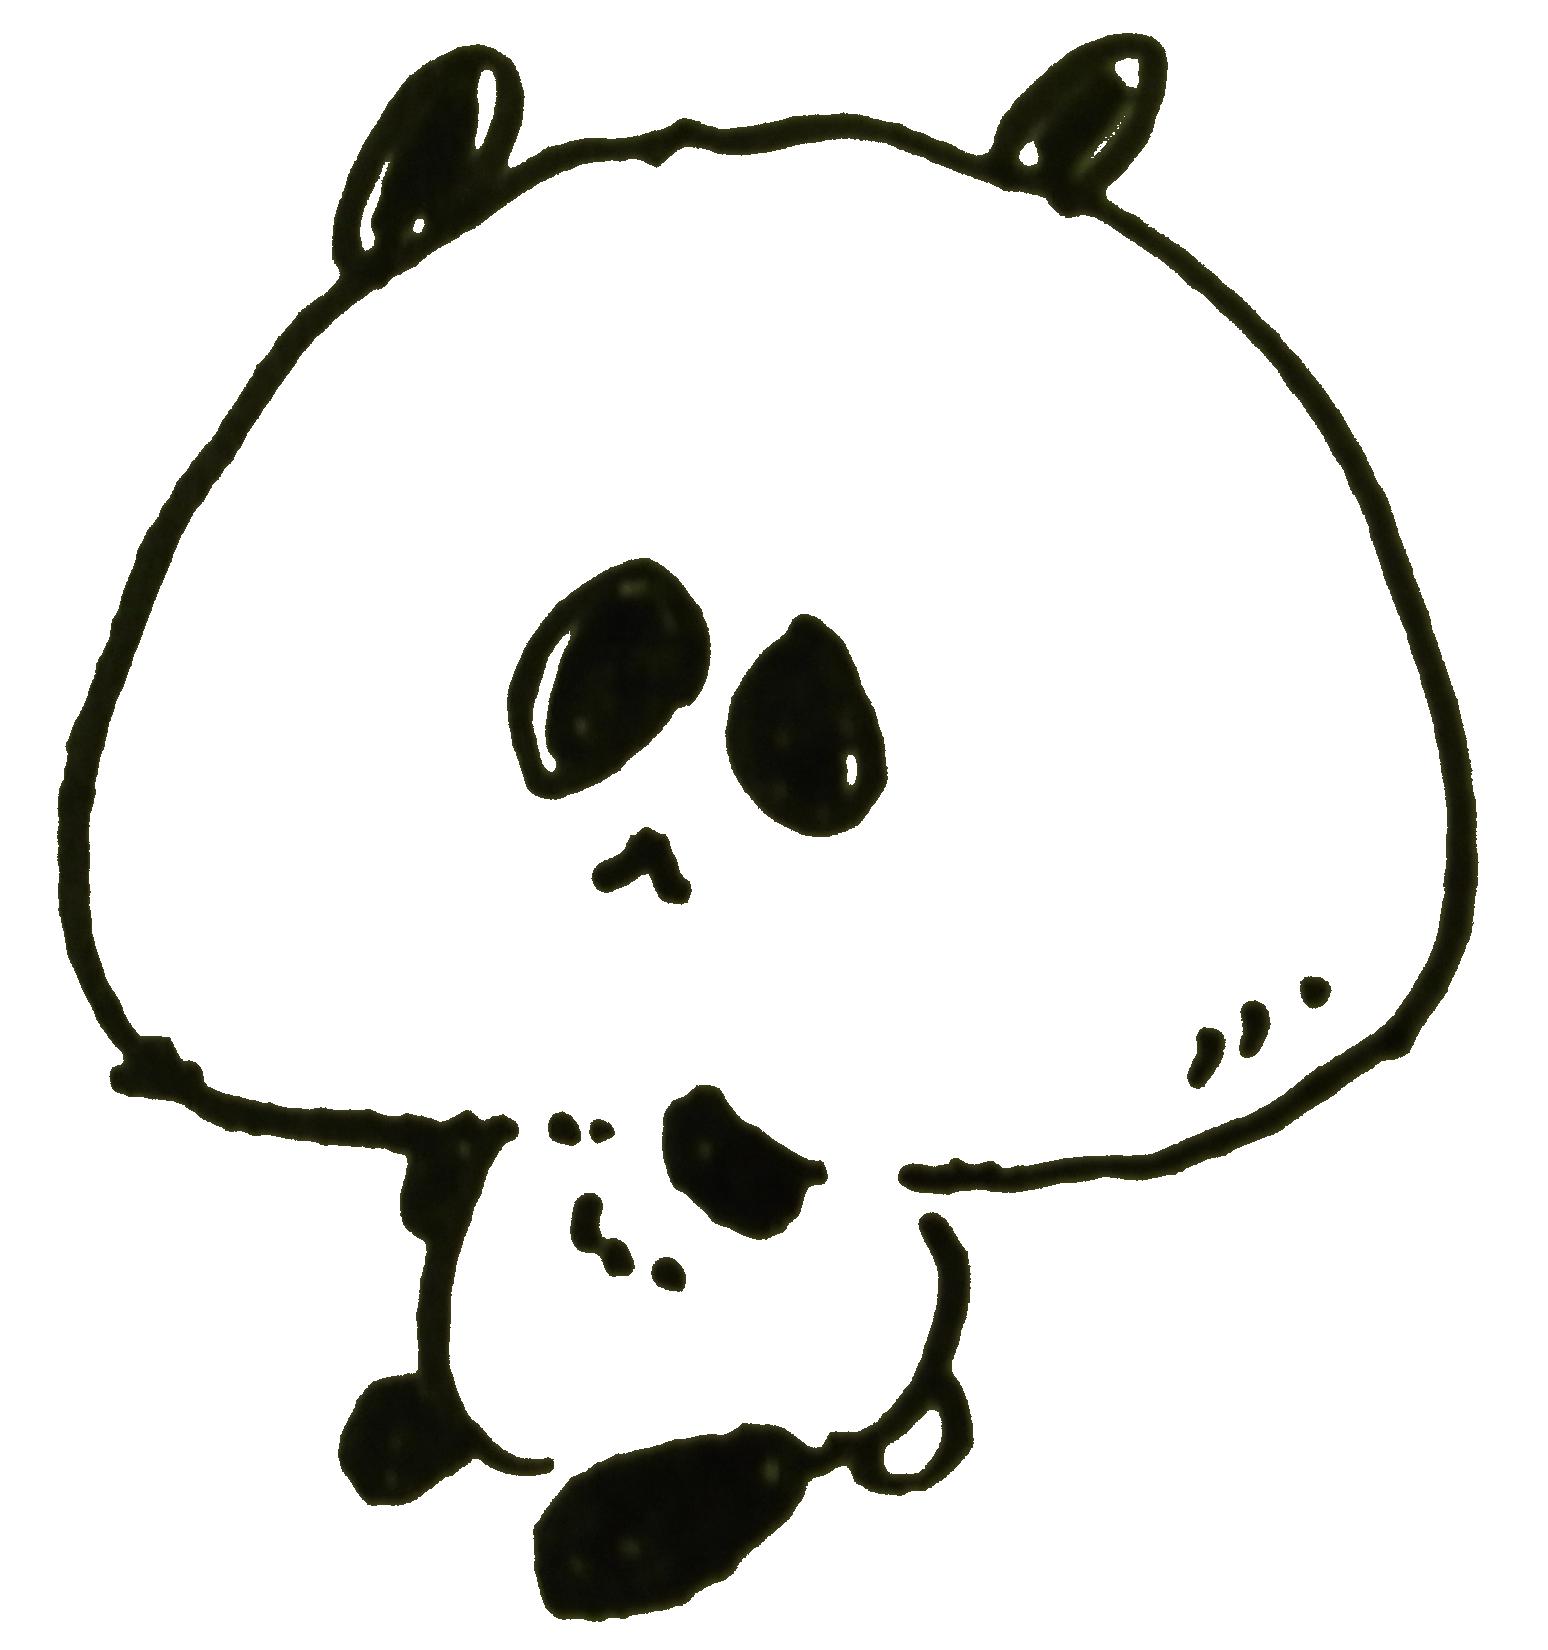 見た目以上にどうもうな動物「パンダ」のイラスト | ゆるくてかわいい